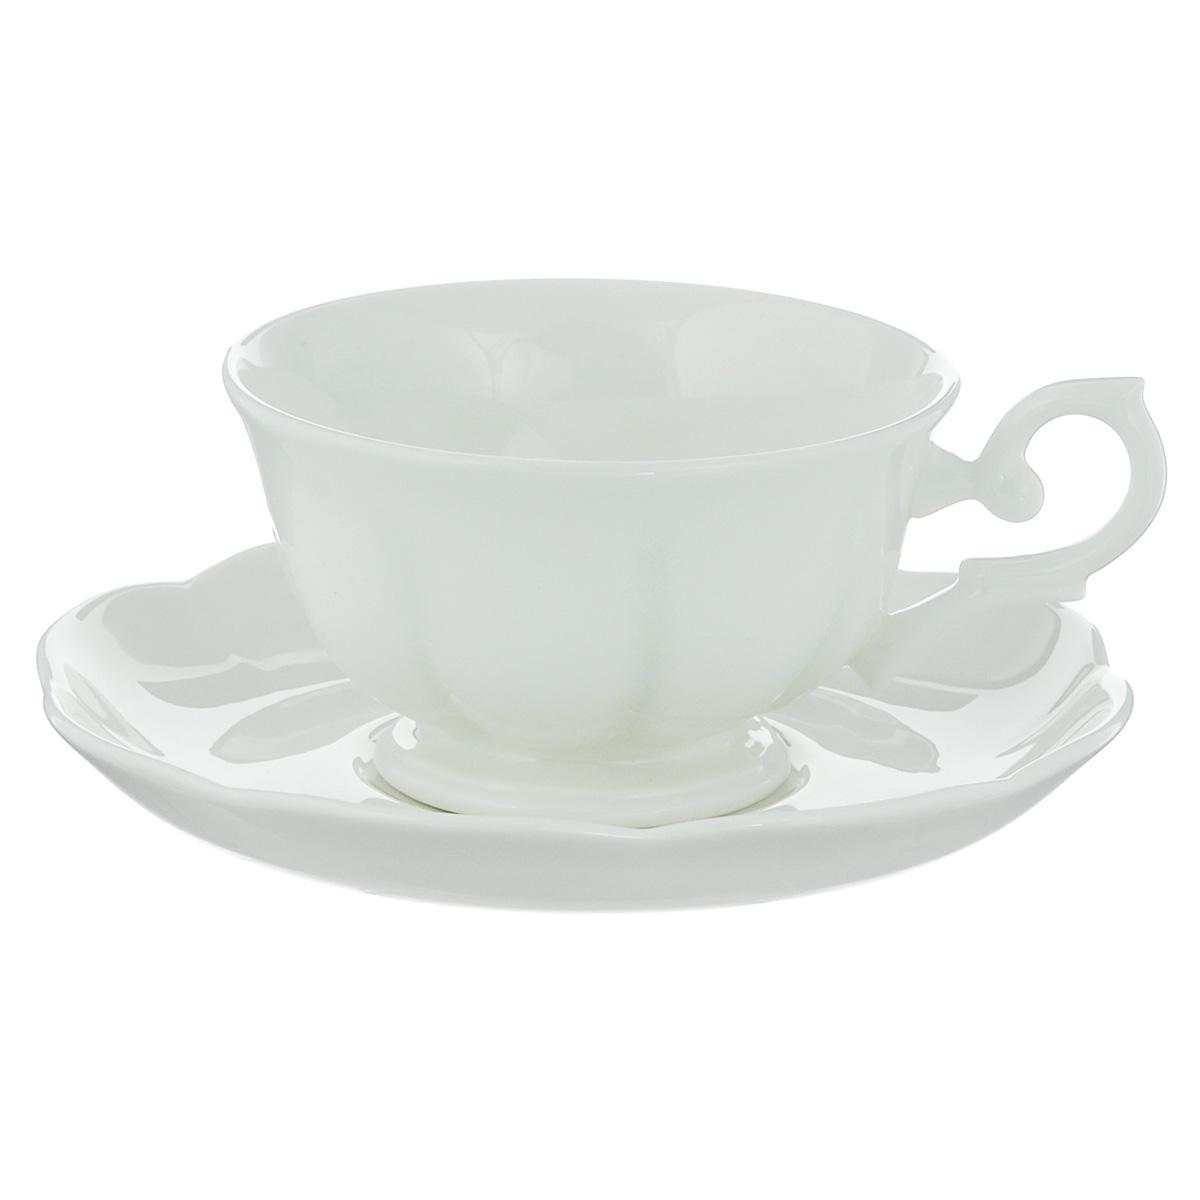 Чайная пара Royal Bone China White, 2 предмета54 009312Набор Royal Bone China White состоит из чашки и блюдца, изготовленных из костяного фарфора с содержанием костяной муки (45%). Основным достоинством изделий из костяного фарфора является абсолютно гладкая глазуровка. Такие изделия сочетают в себе изысканный вид с прочностью и долговечностью. Кружка оснащена изящной ручкой и декорирована вертикальными бороздами, блюдце имеет волнообразные края. Изделия Royal Bone Chine по праву считаются элитными. Благодаря такому набору пить напитки будет еще вкуснее.Объем чашки: 180 мл.Диаметр блюдца: 15 см.